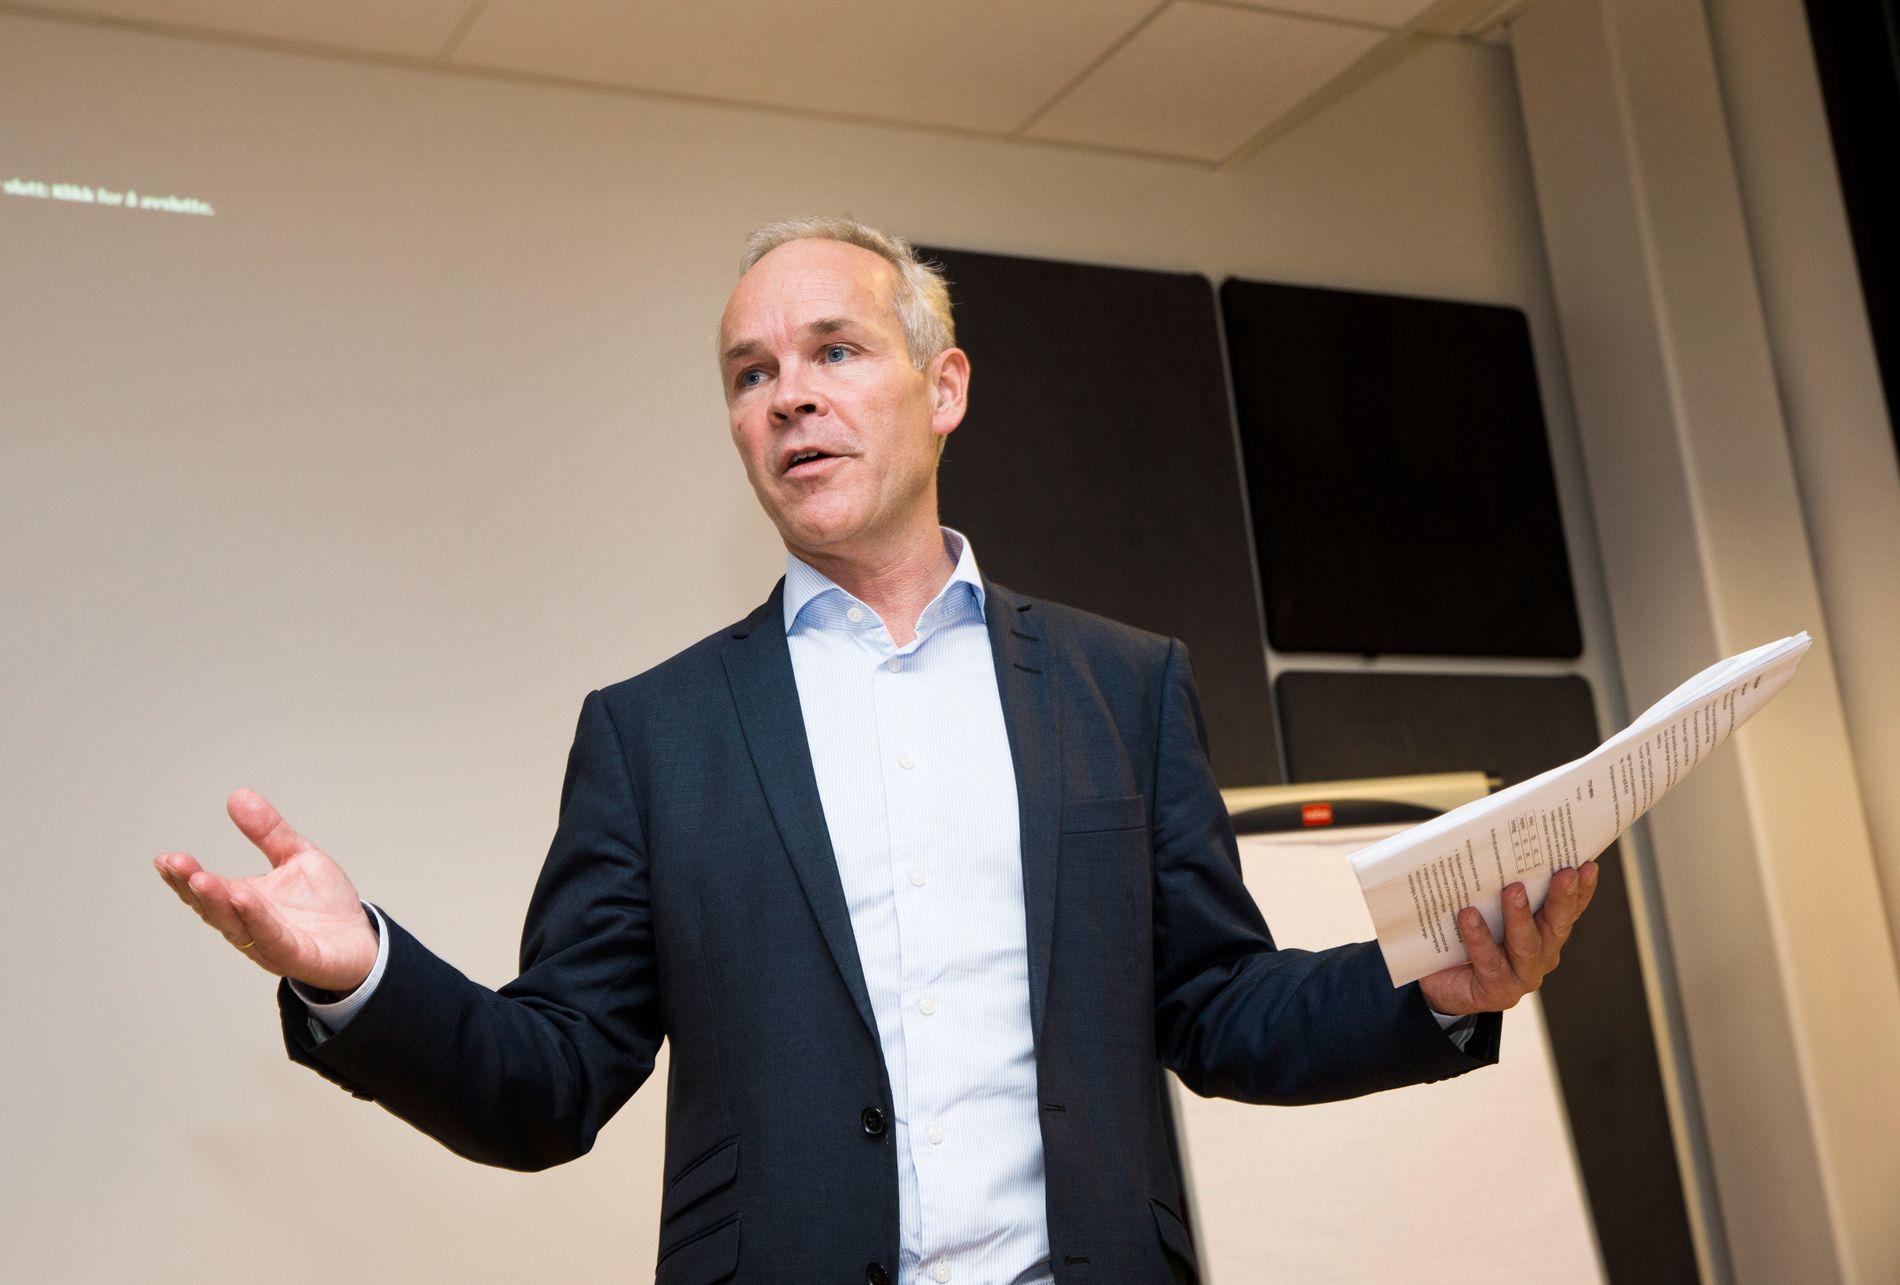 MOBBE-ANSVAR: Jan Tore Sanner er ny kunnskapsminister og dermed ansvarlig statsråd for kampen mot mobbing i skolen.